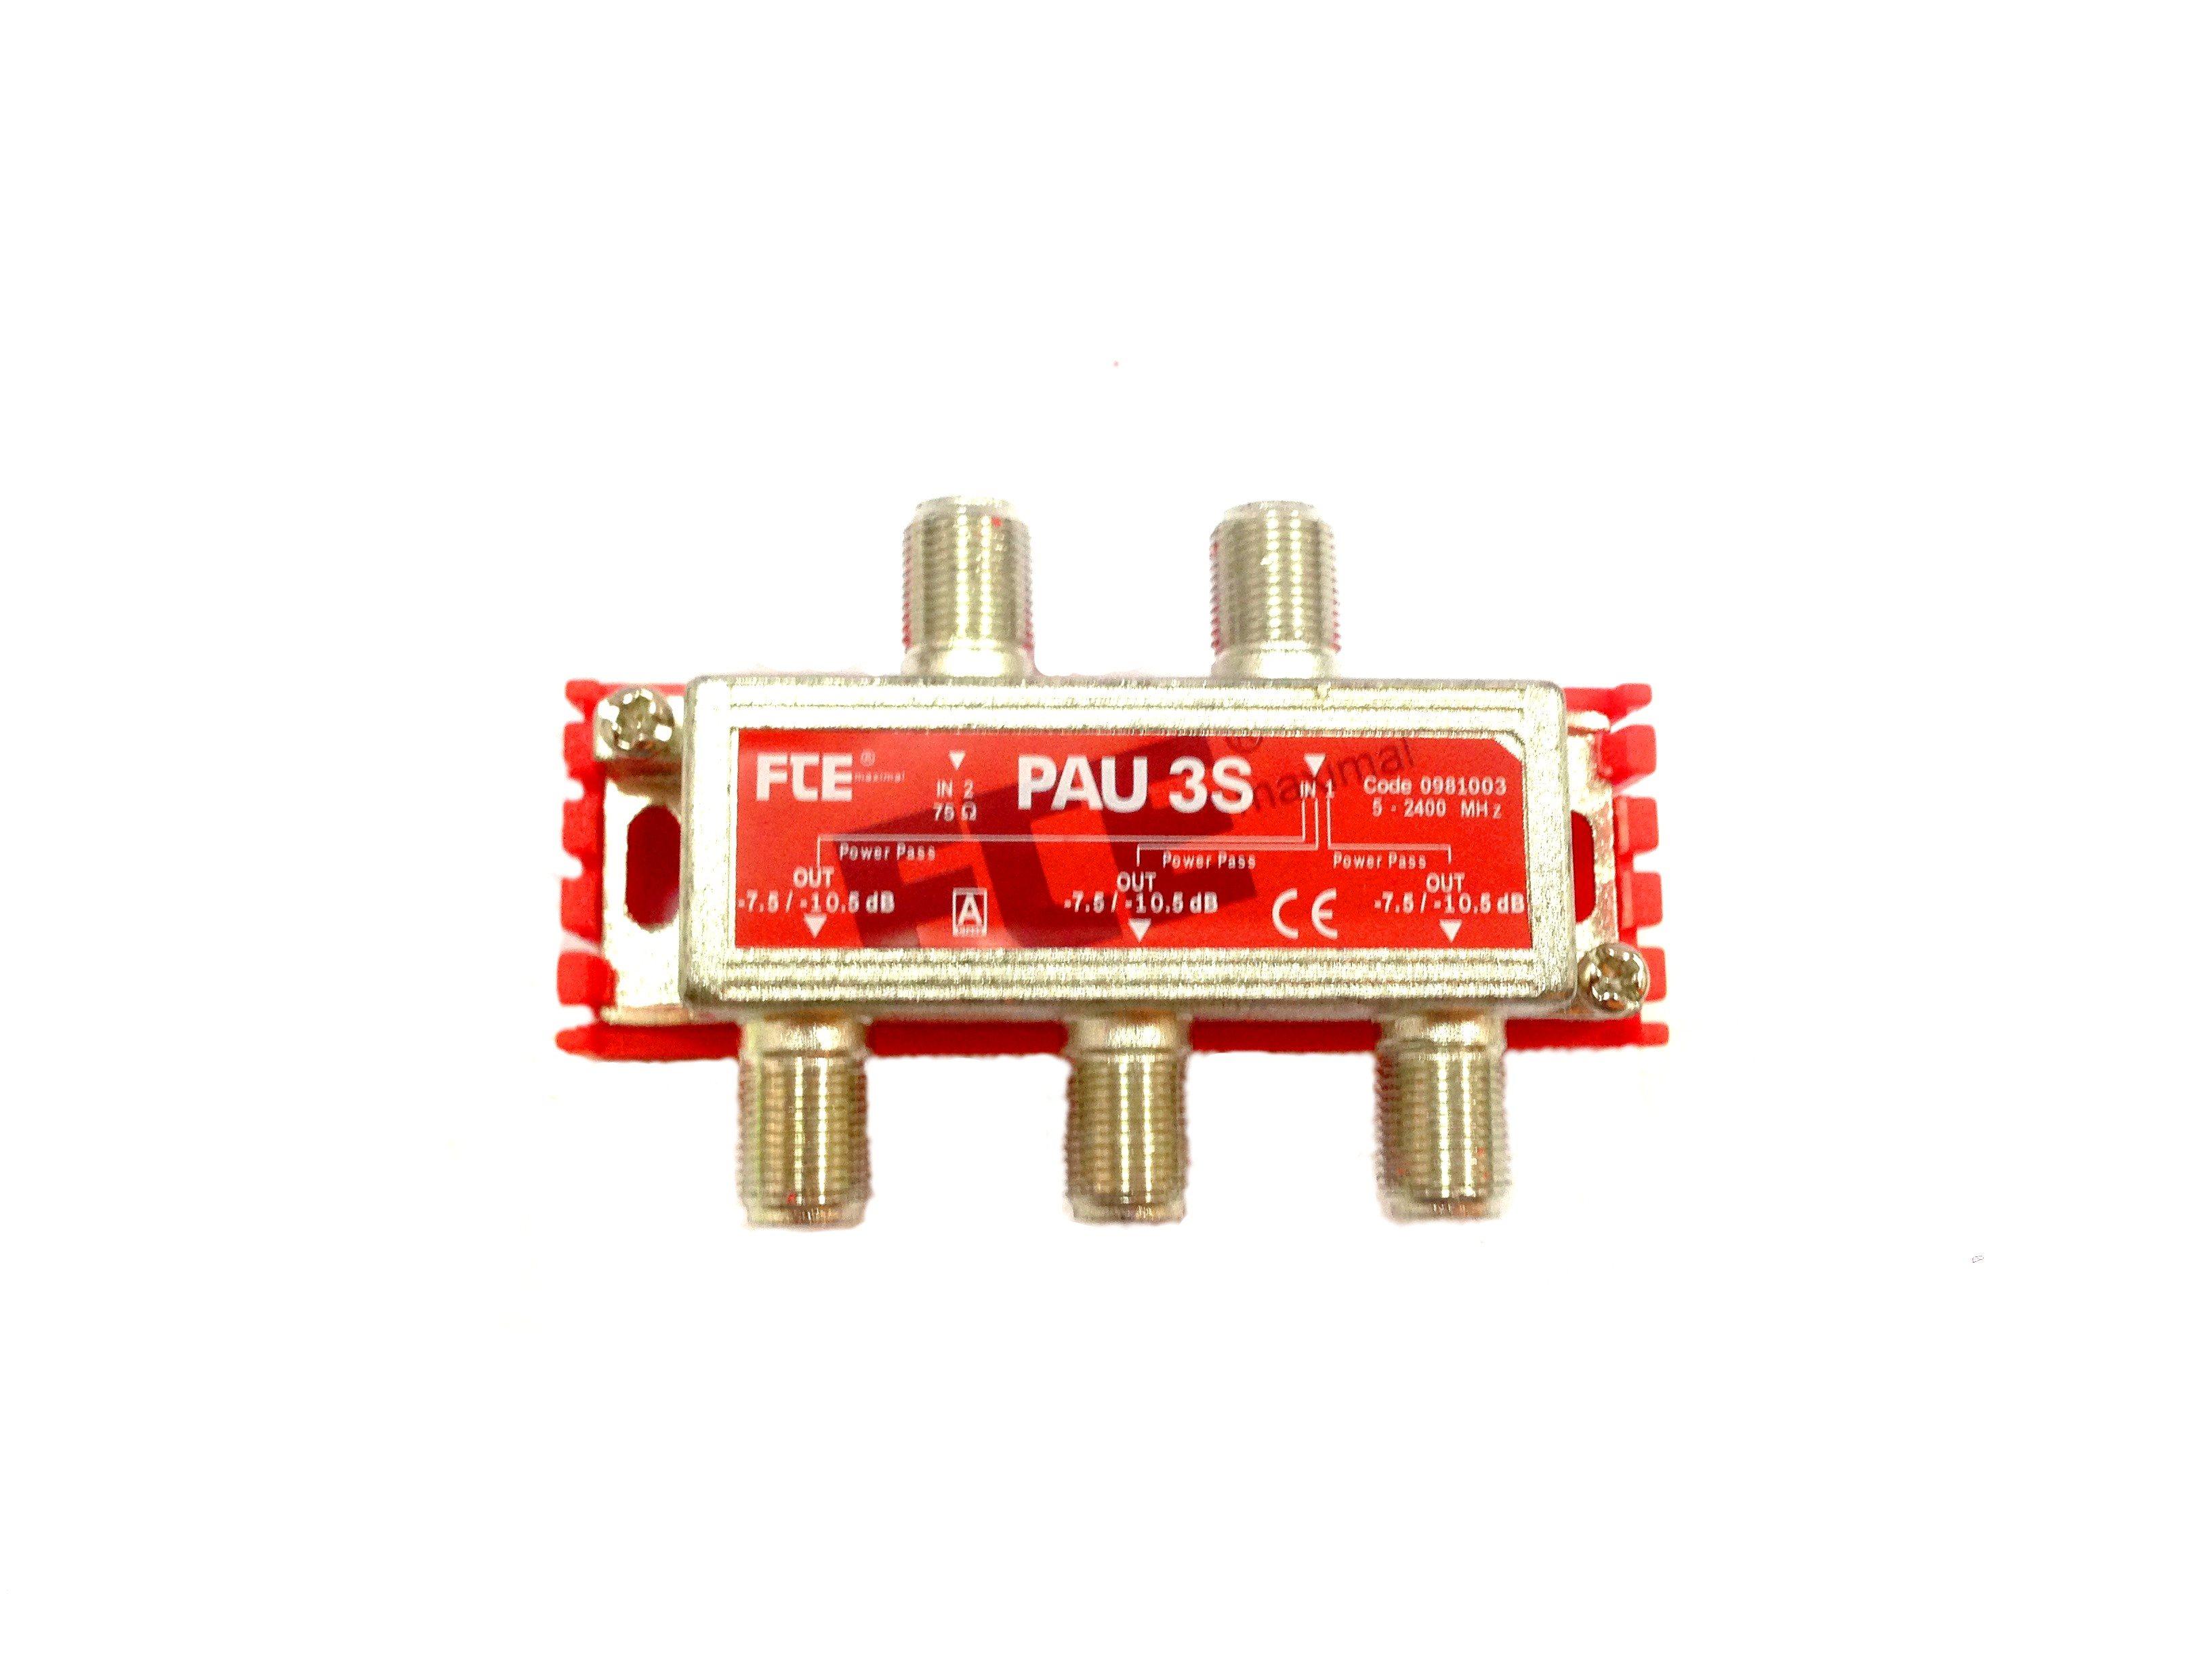 FTE TV/SAT combiner with PAU3S hub, 5-2400 MHz